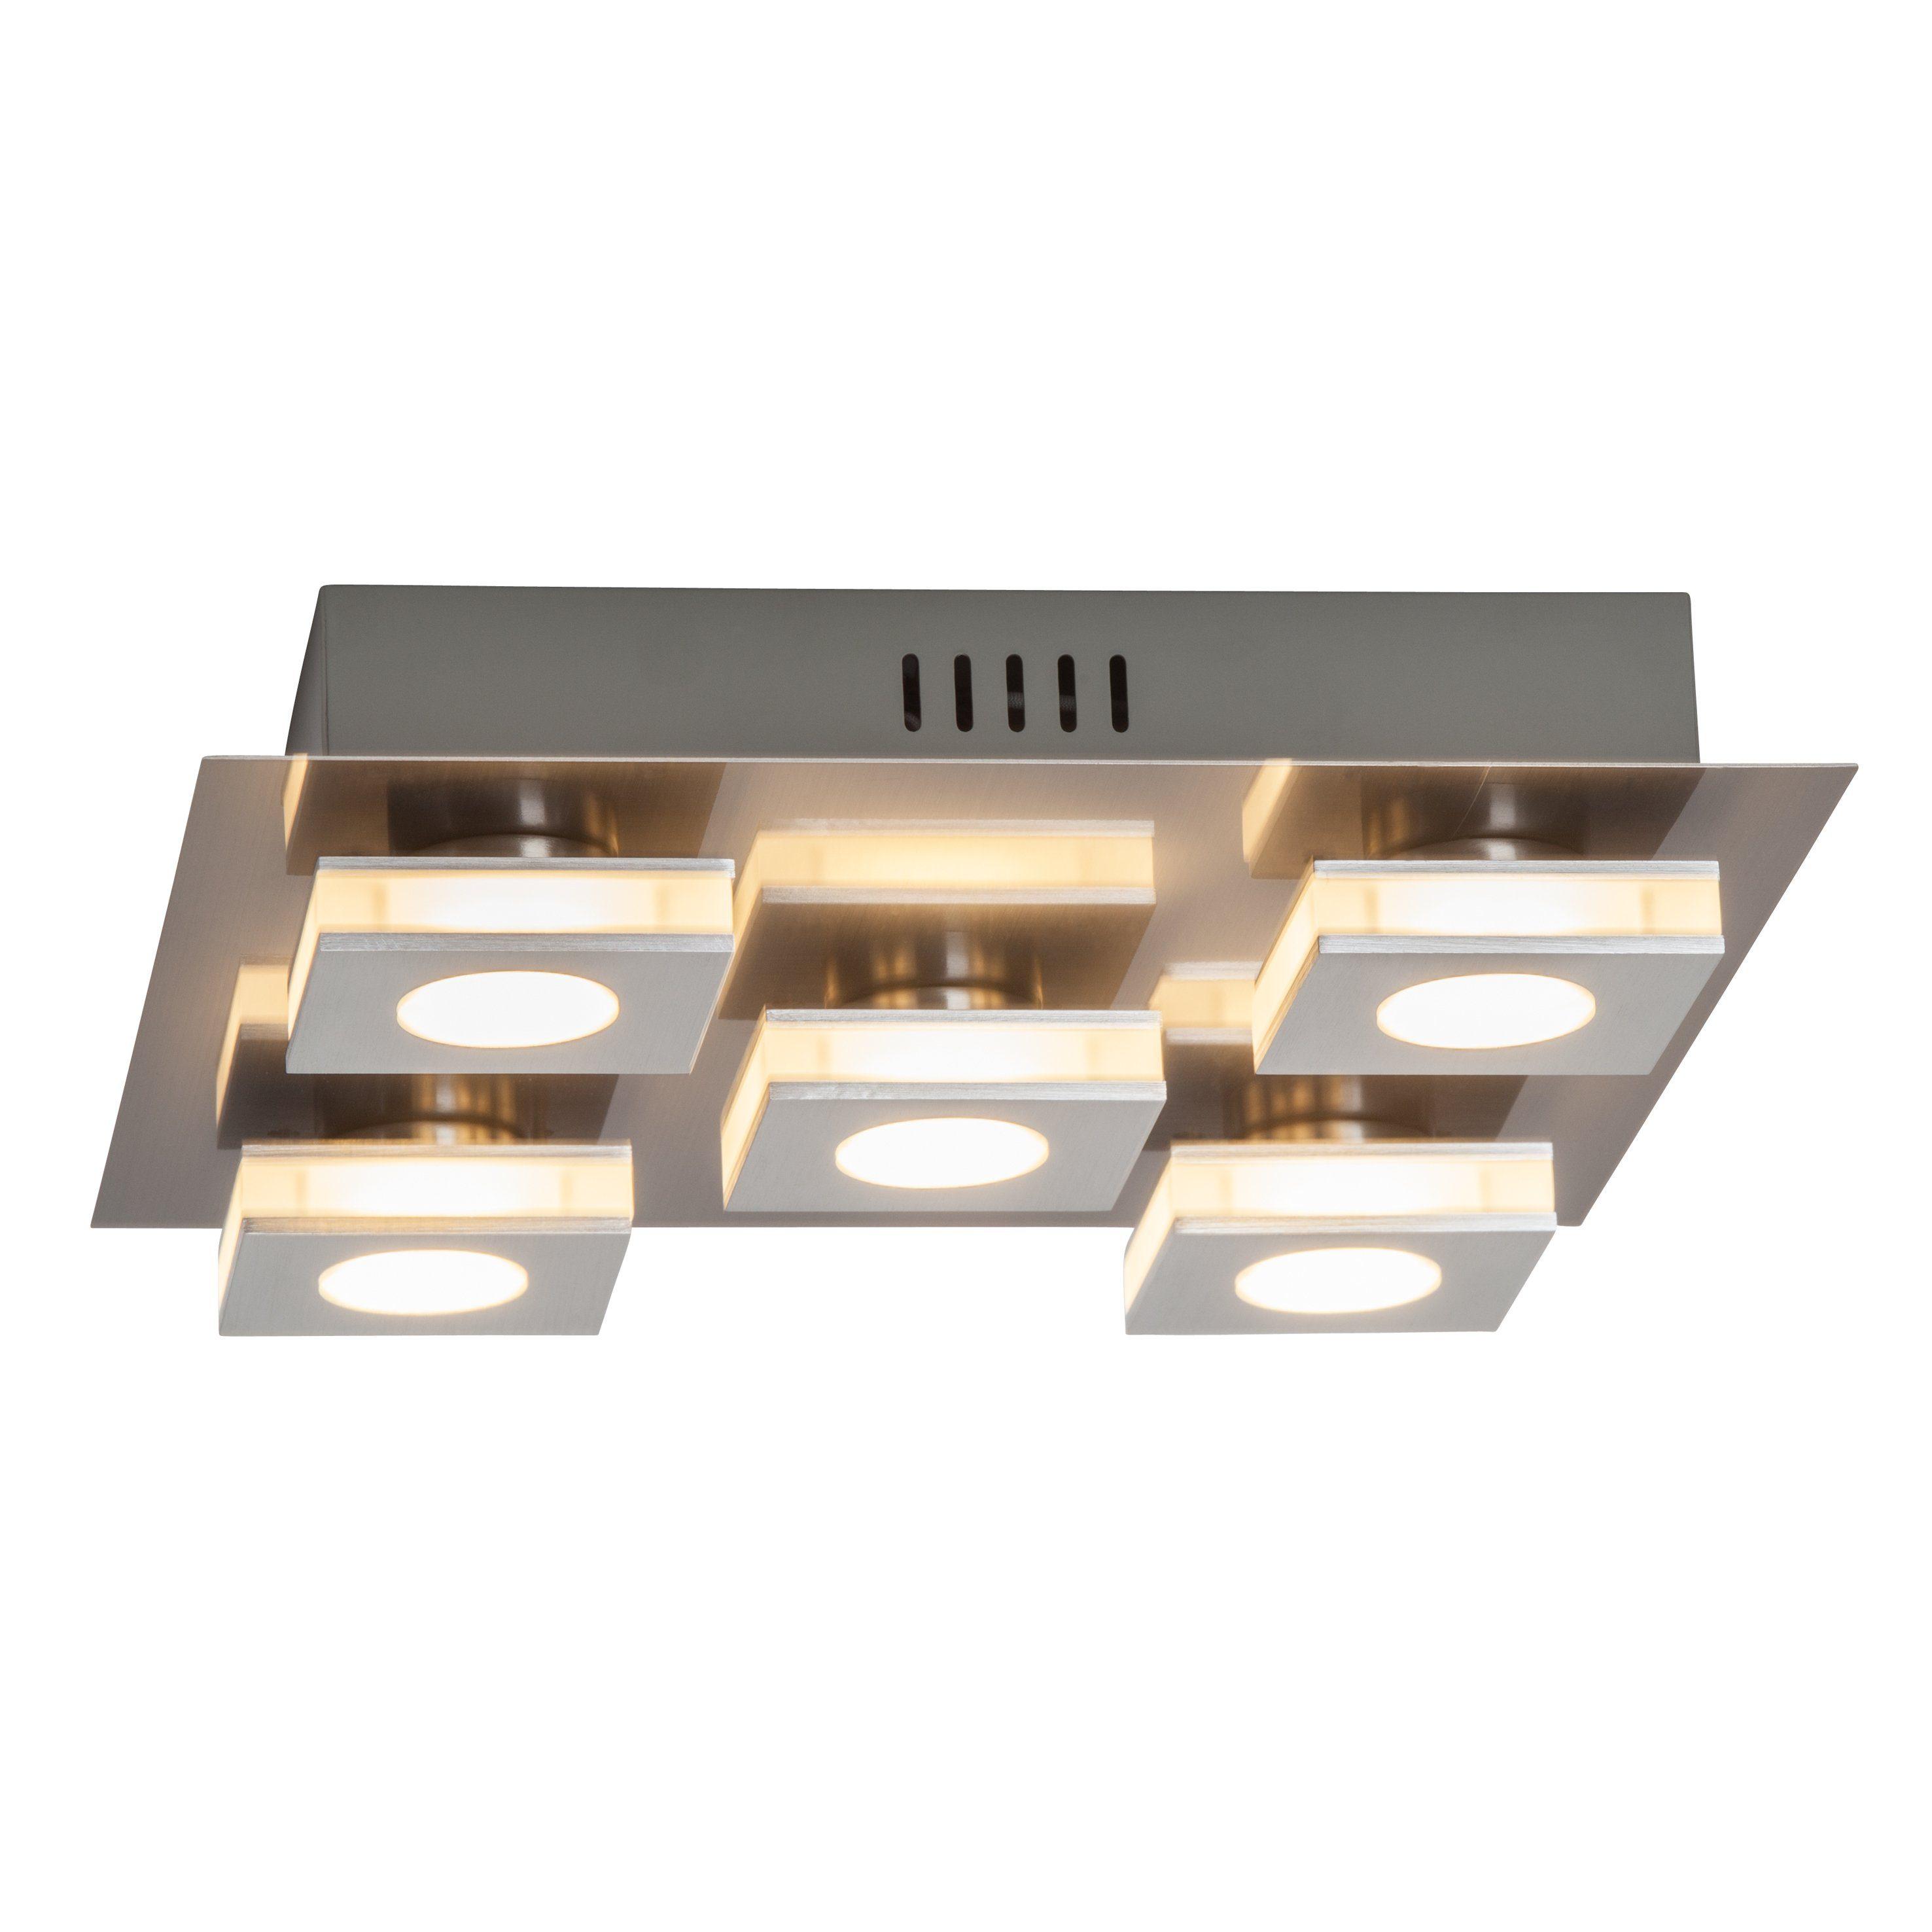 Brilliant Leuchten Transit LED Wand- und Deckenleuchte, 5-flammig nickel/alu